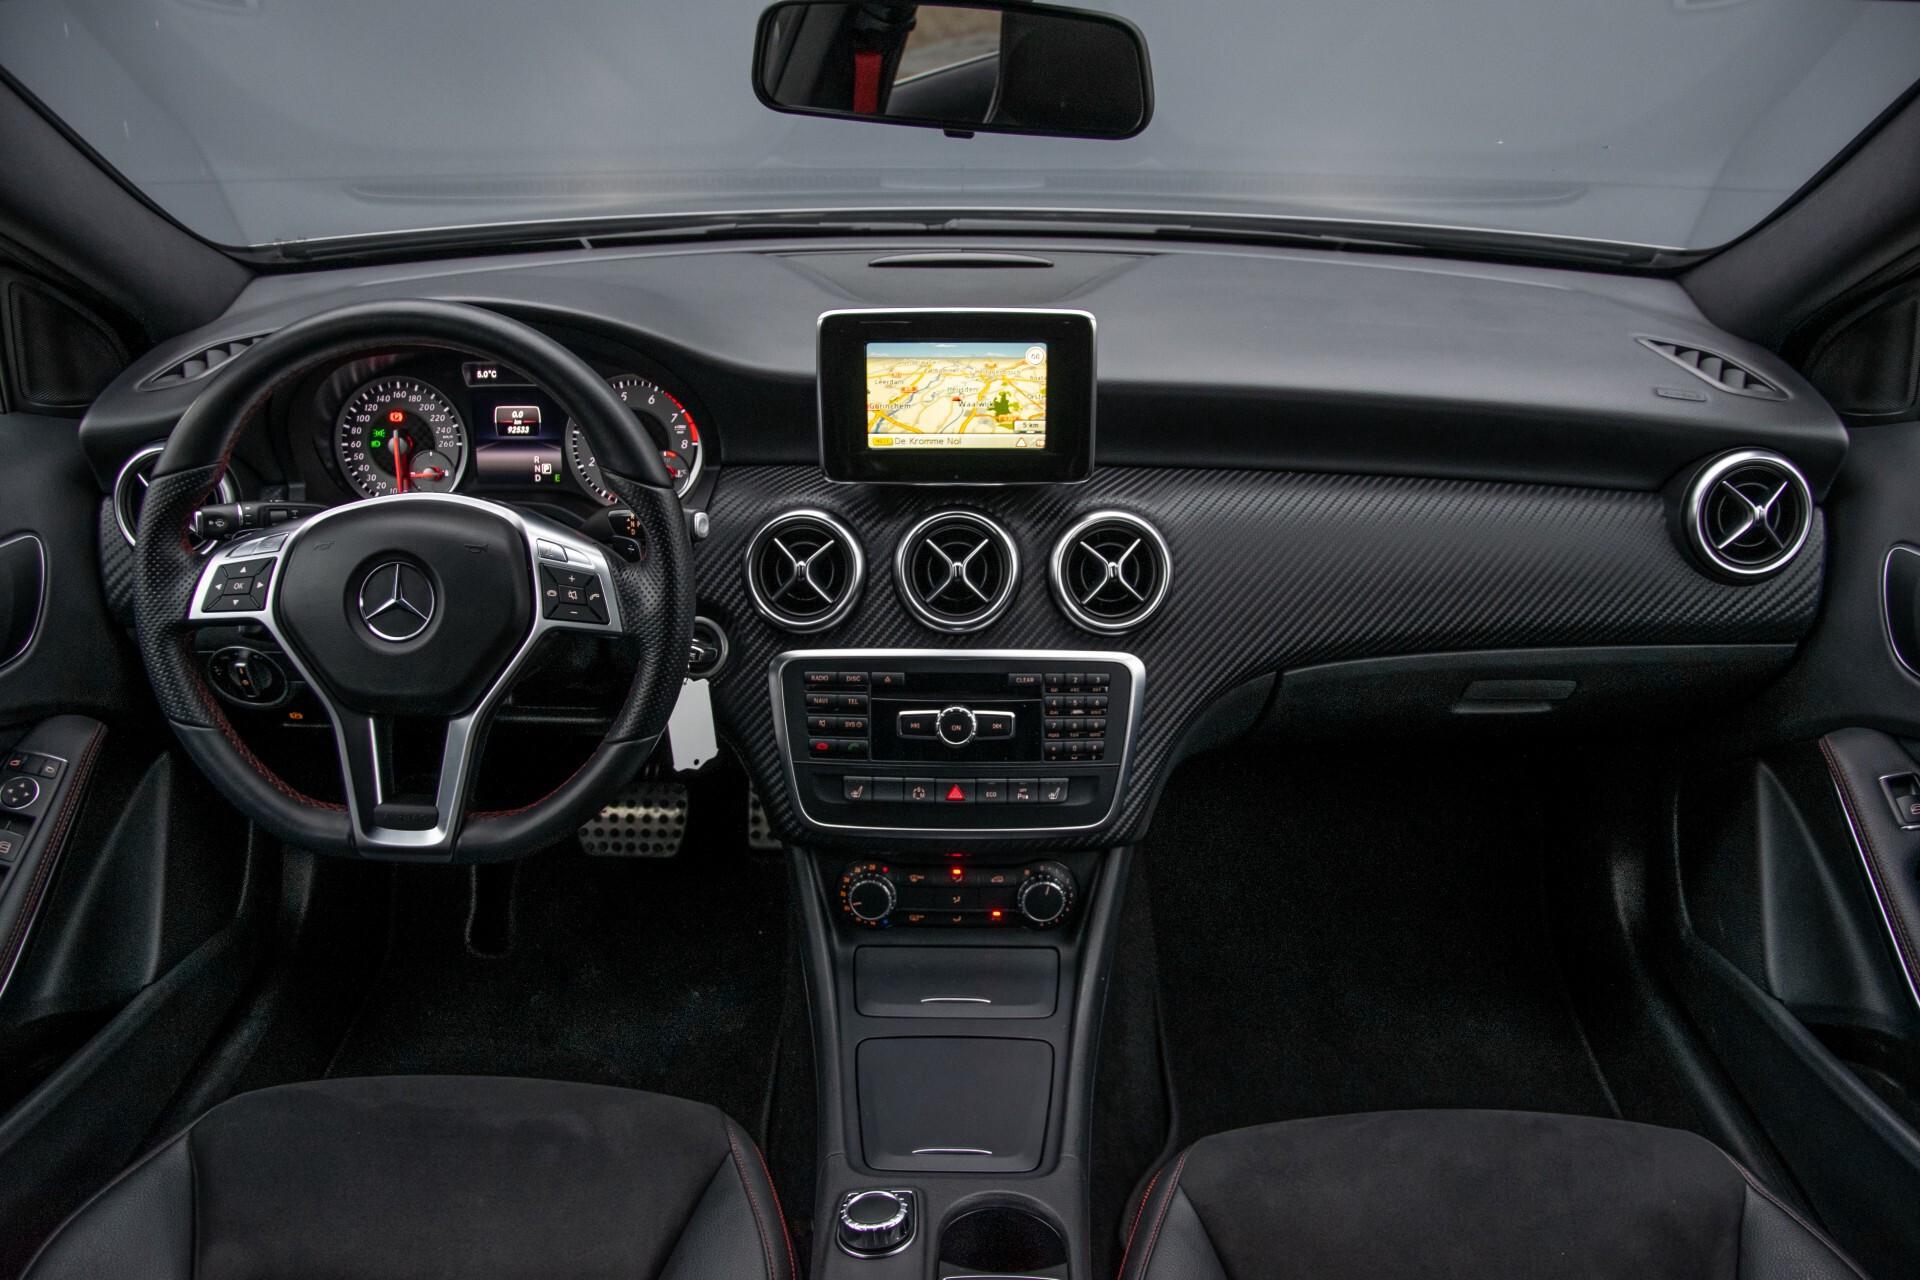 Mercedes-Benz A-Klasse 180 AMG Dynamic Handling/Camera/Xenon/Navi/Privacy Aut7 Foto 7